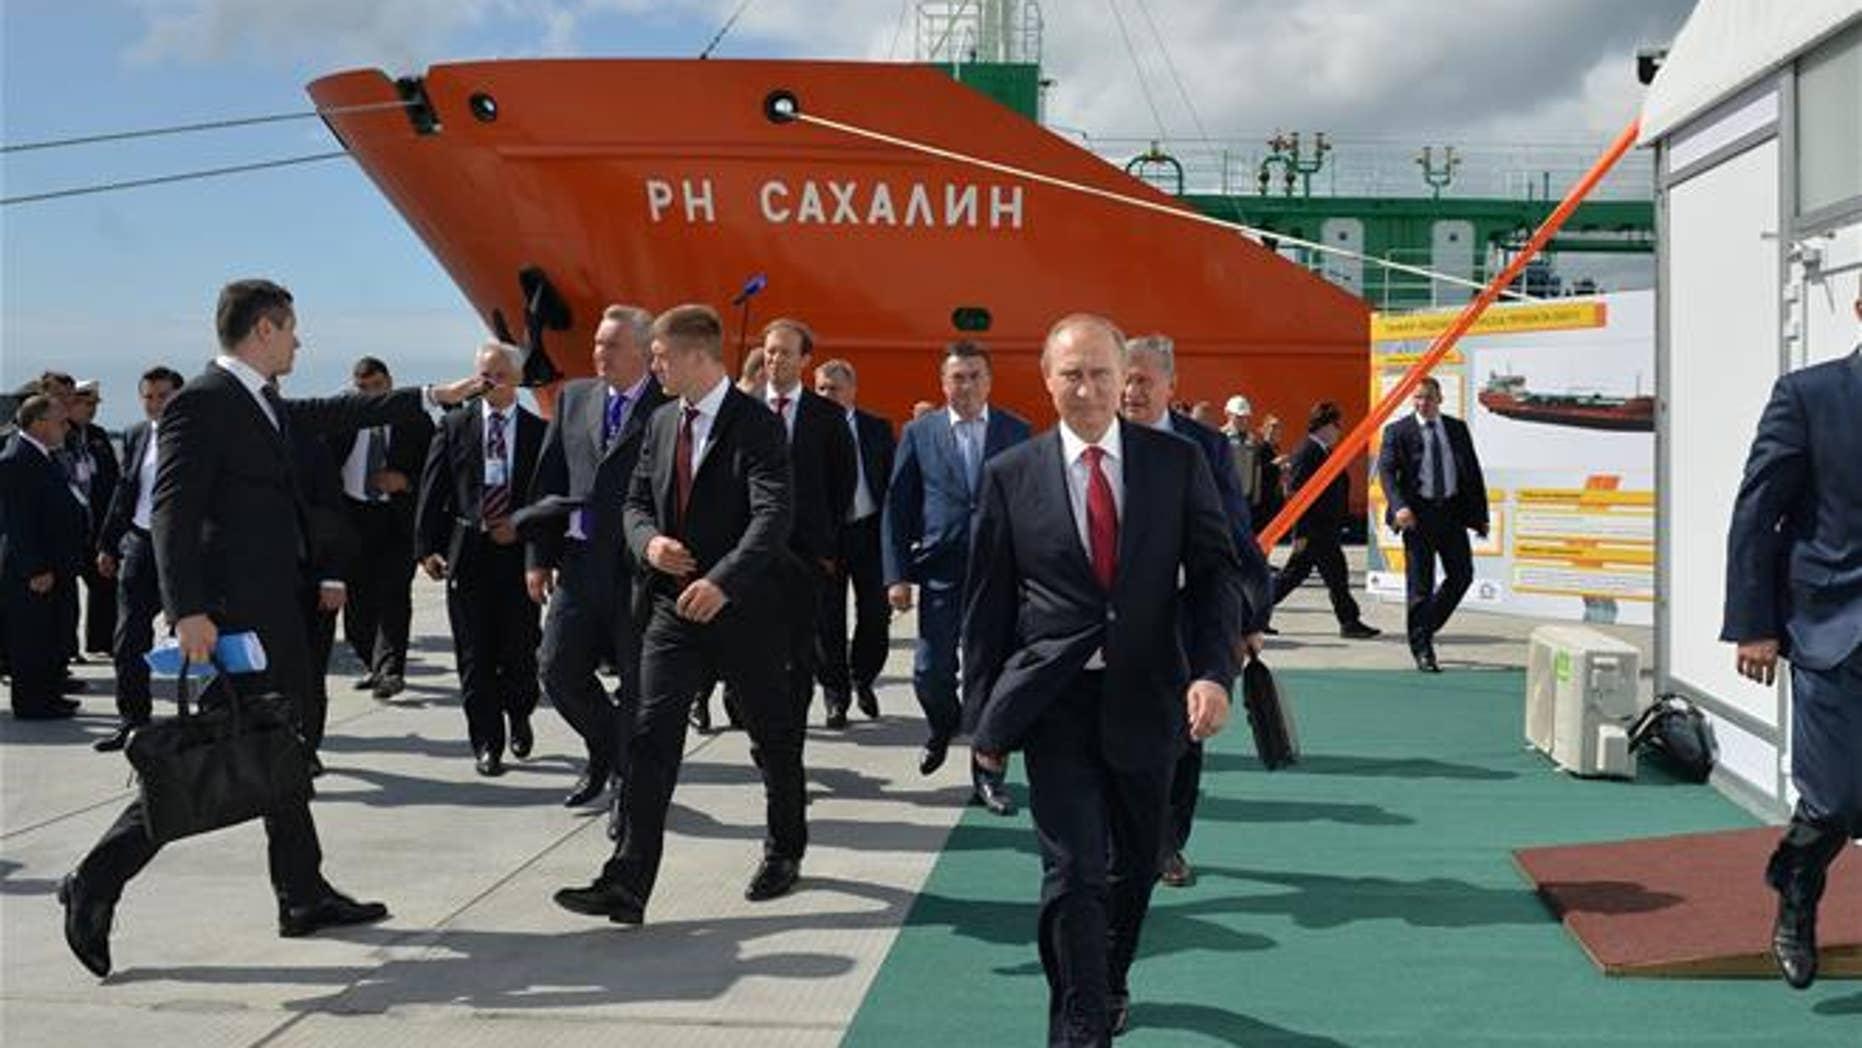 Russian President Vladimir Putin, foregound, walks in the Far Eastern port of Bolshoi Kamen, Russia, on Sept. 1, 2016.